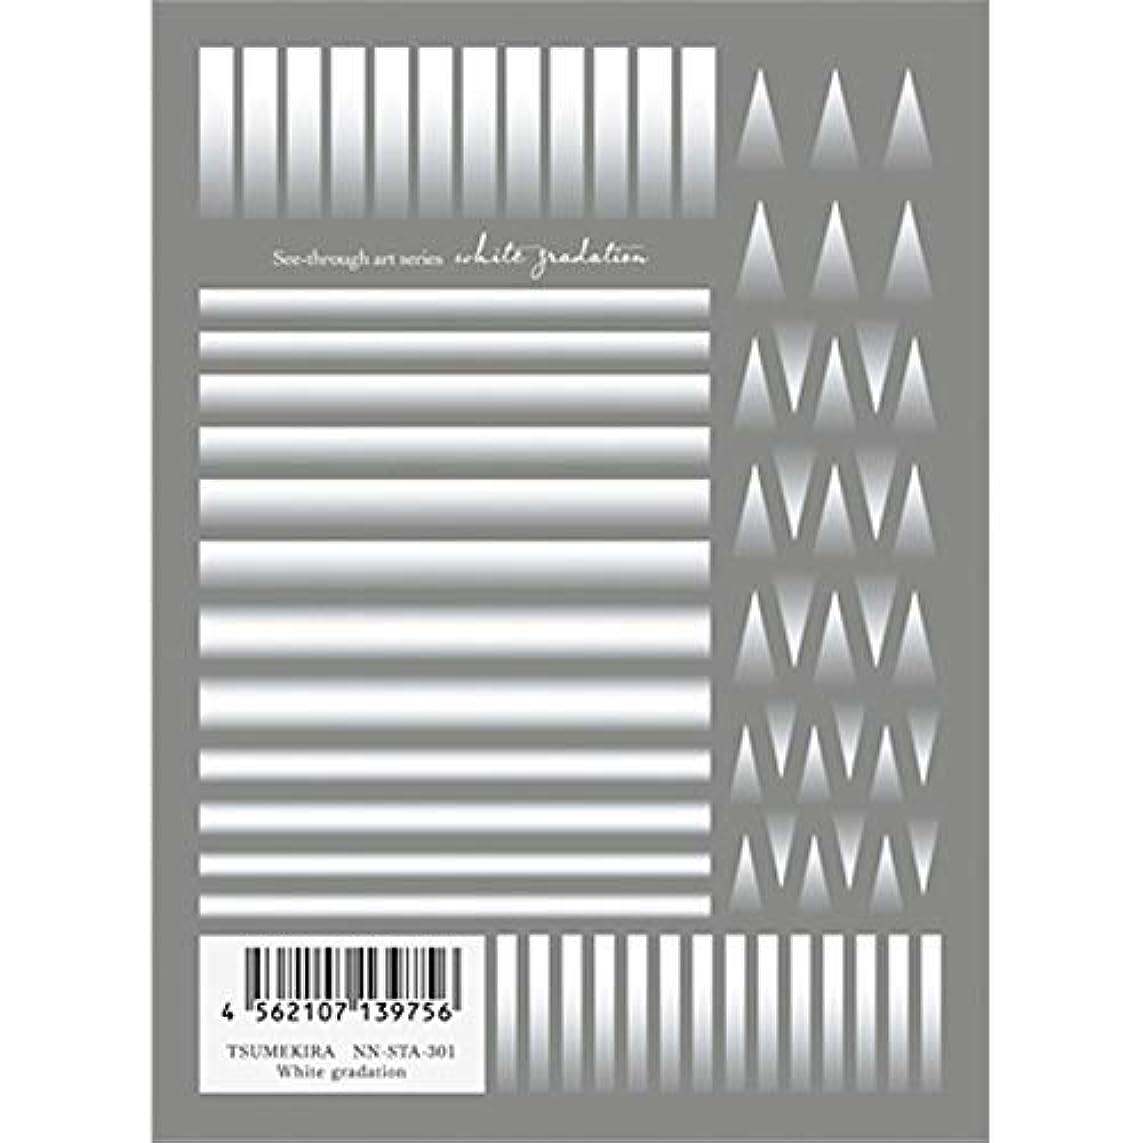 タイヤ避難する笑いツメキラ(TSUMEKIRA) ネイル用シール White gradation NN-STA-301